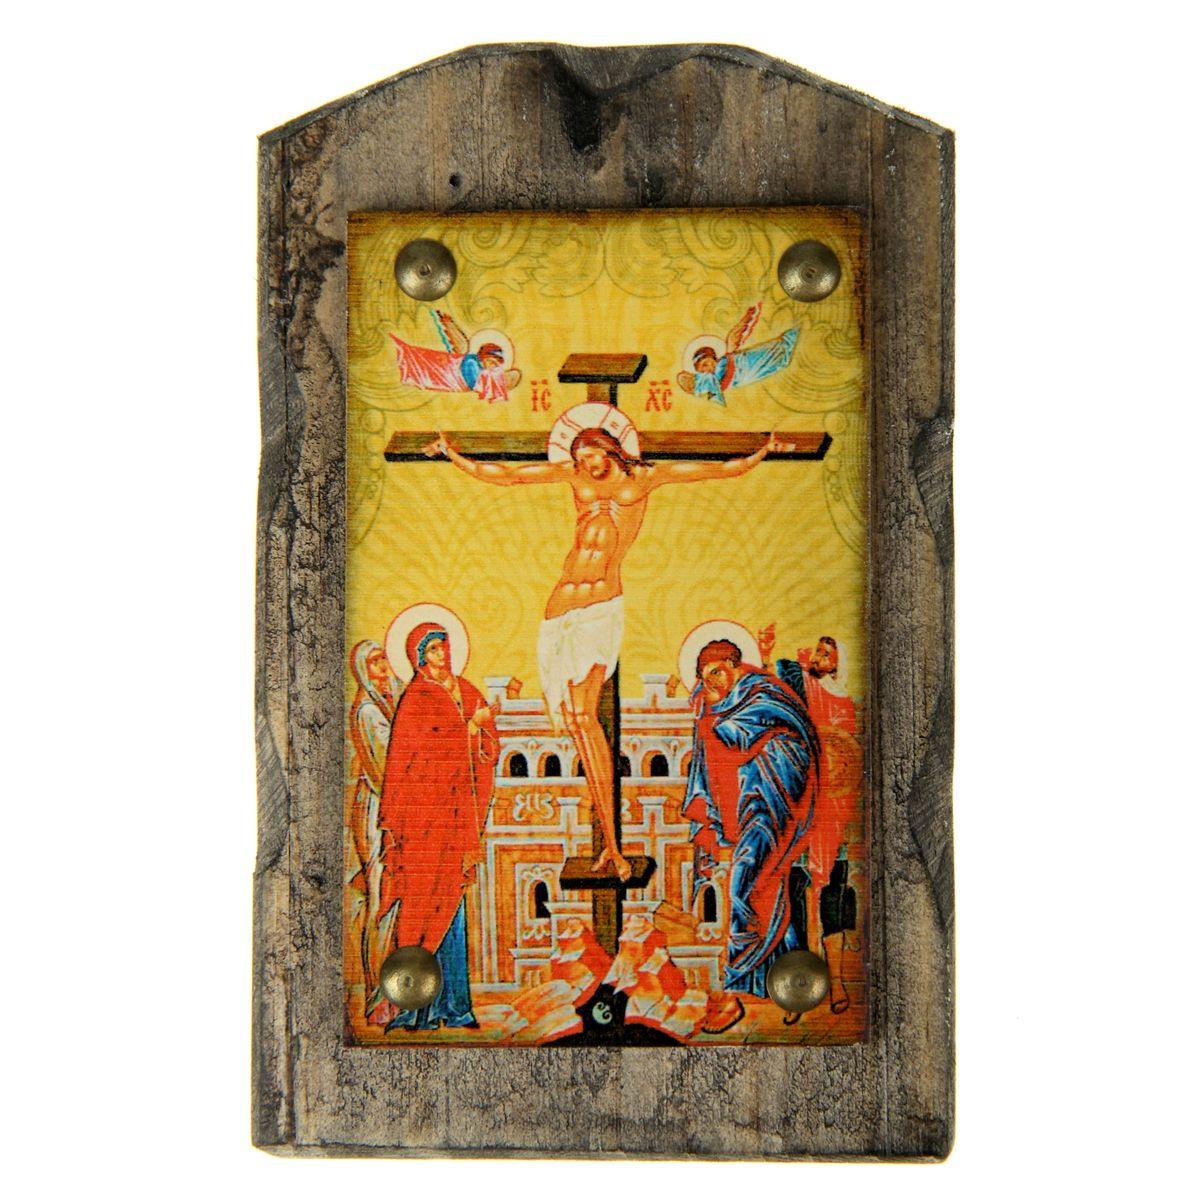 Икона на дереве Распятие Господне, 9,5 х 15 см806937Икона Распятие Господне изготовлена из состаренного дерева с полноцветным изображением и металлическими элементами. Икона выполнена в стиле древних греческих икон. На ее обратной стороне имеется подвес, поэтому ее удобно вешать на стену. Изображенный образ полностью соответствует канонам Русской Православной Церкви. Икона выглядит по-настоящему богатой и старинной. Такая икона будет прекрасным подарком с духовной составляющей.